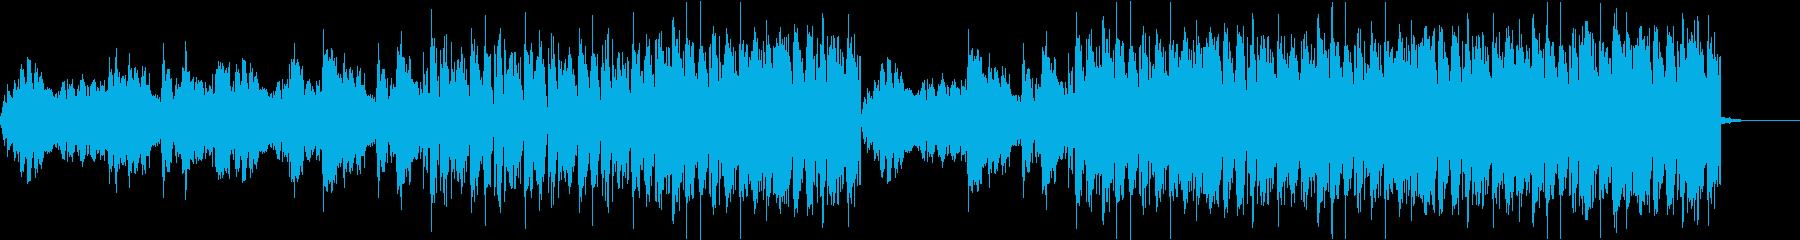 【1分版】シリアスでクールなテクノの再生済みの波形